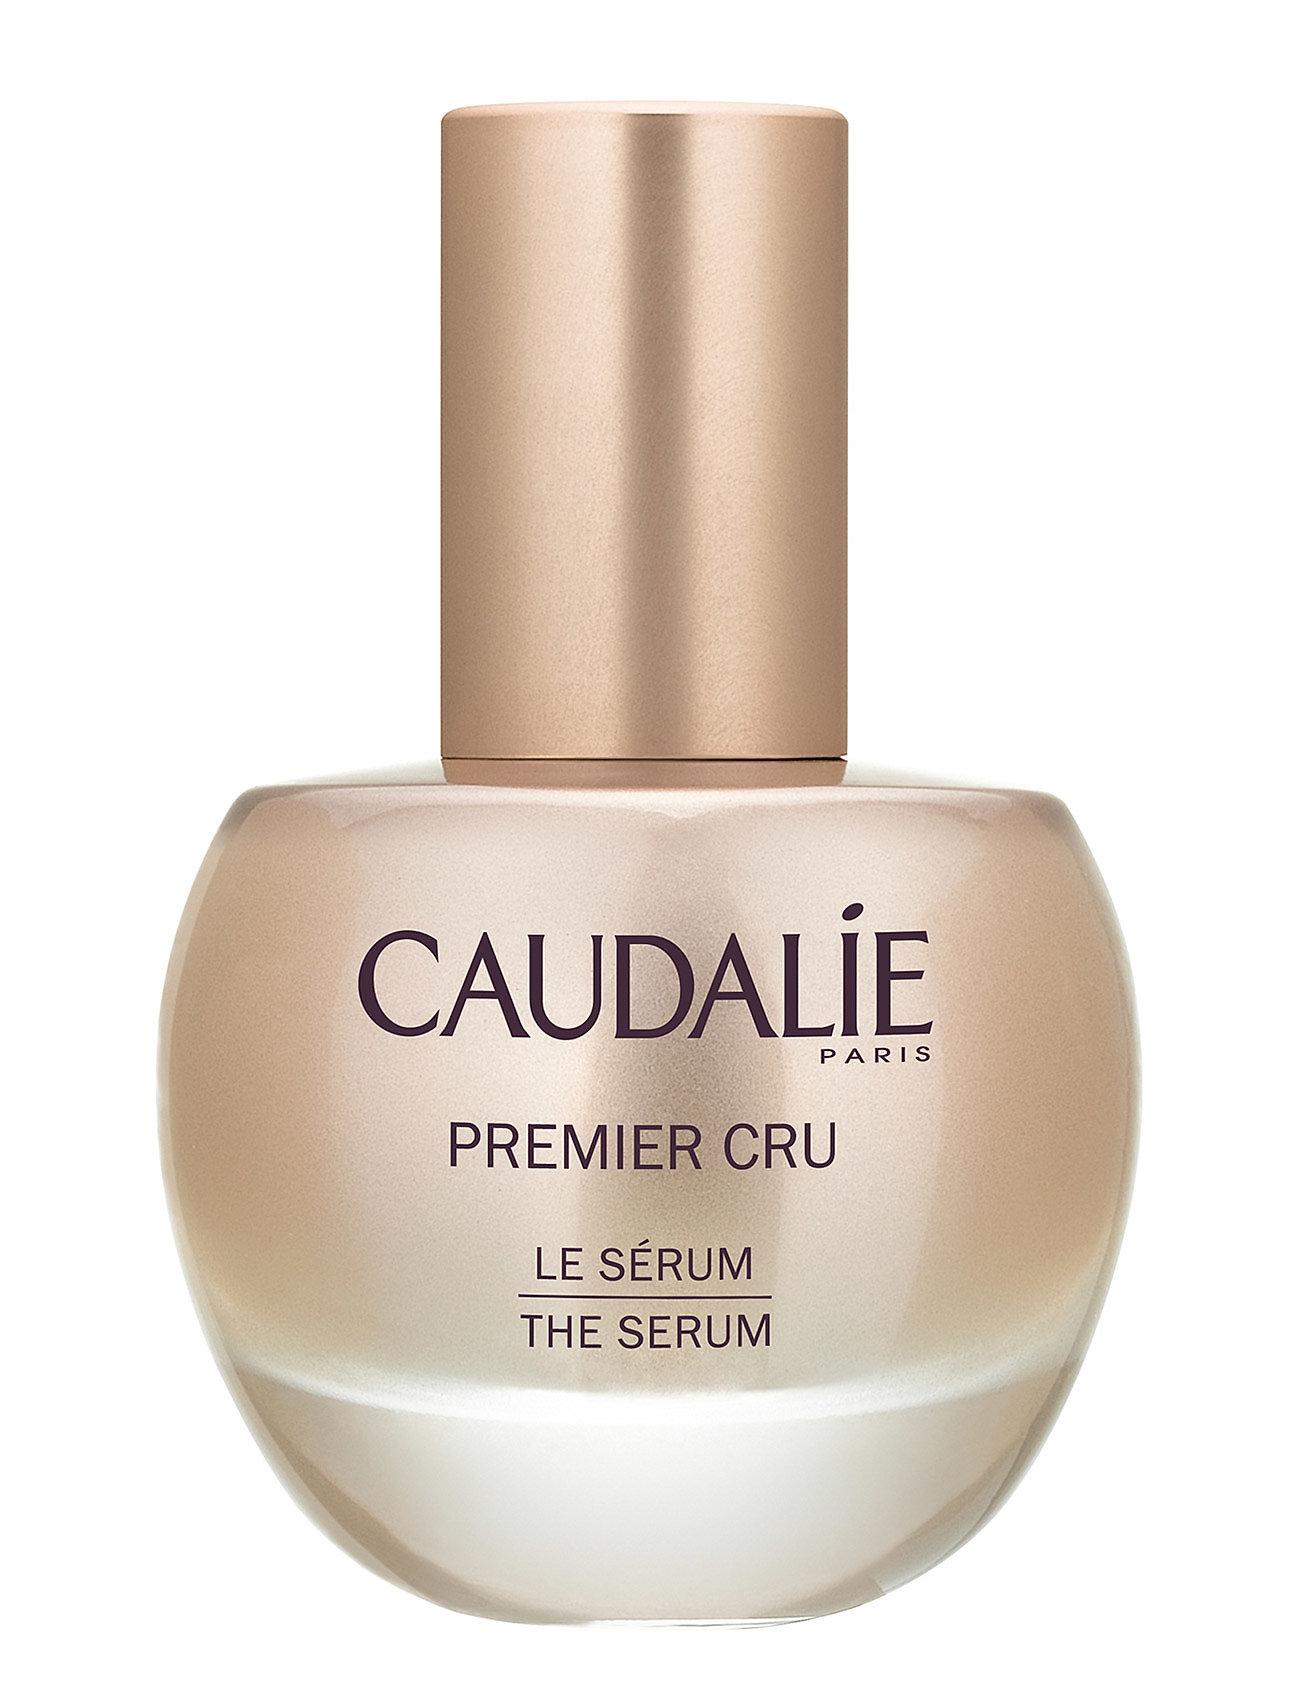 CAUDALIE Premier Cru the Serum - CLEAR